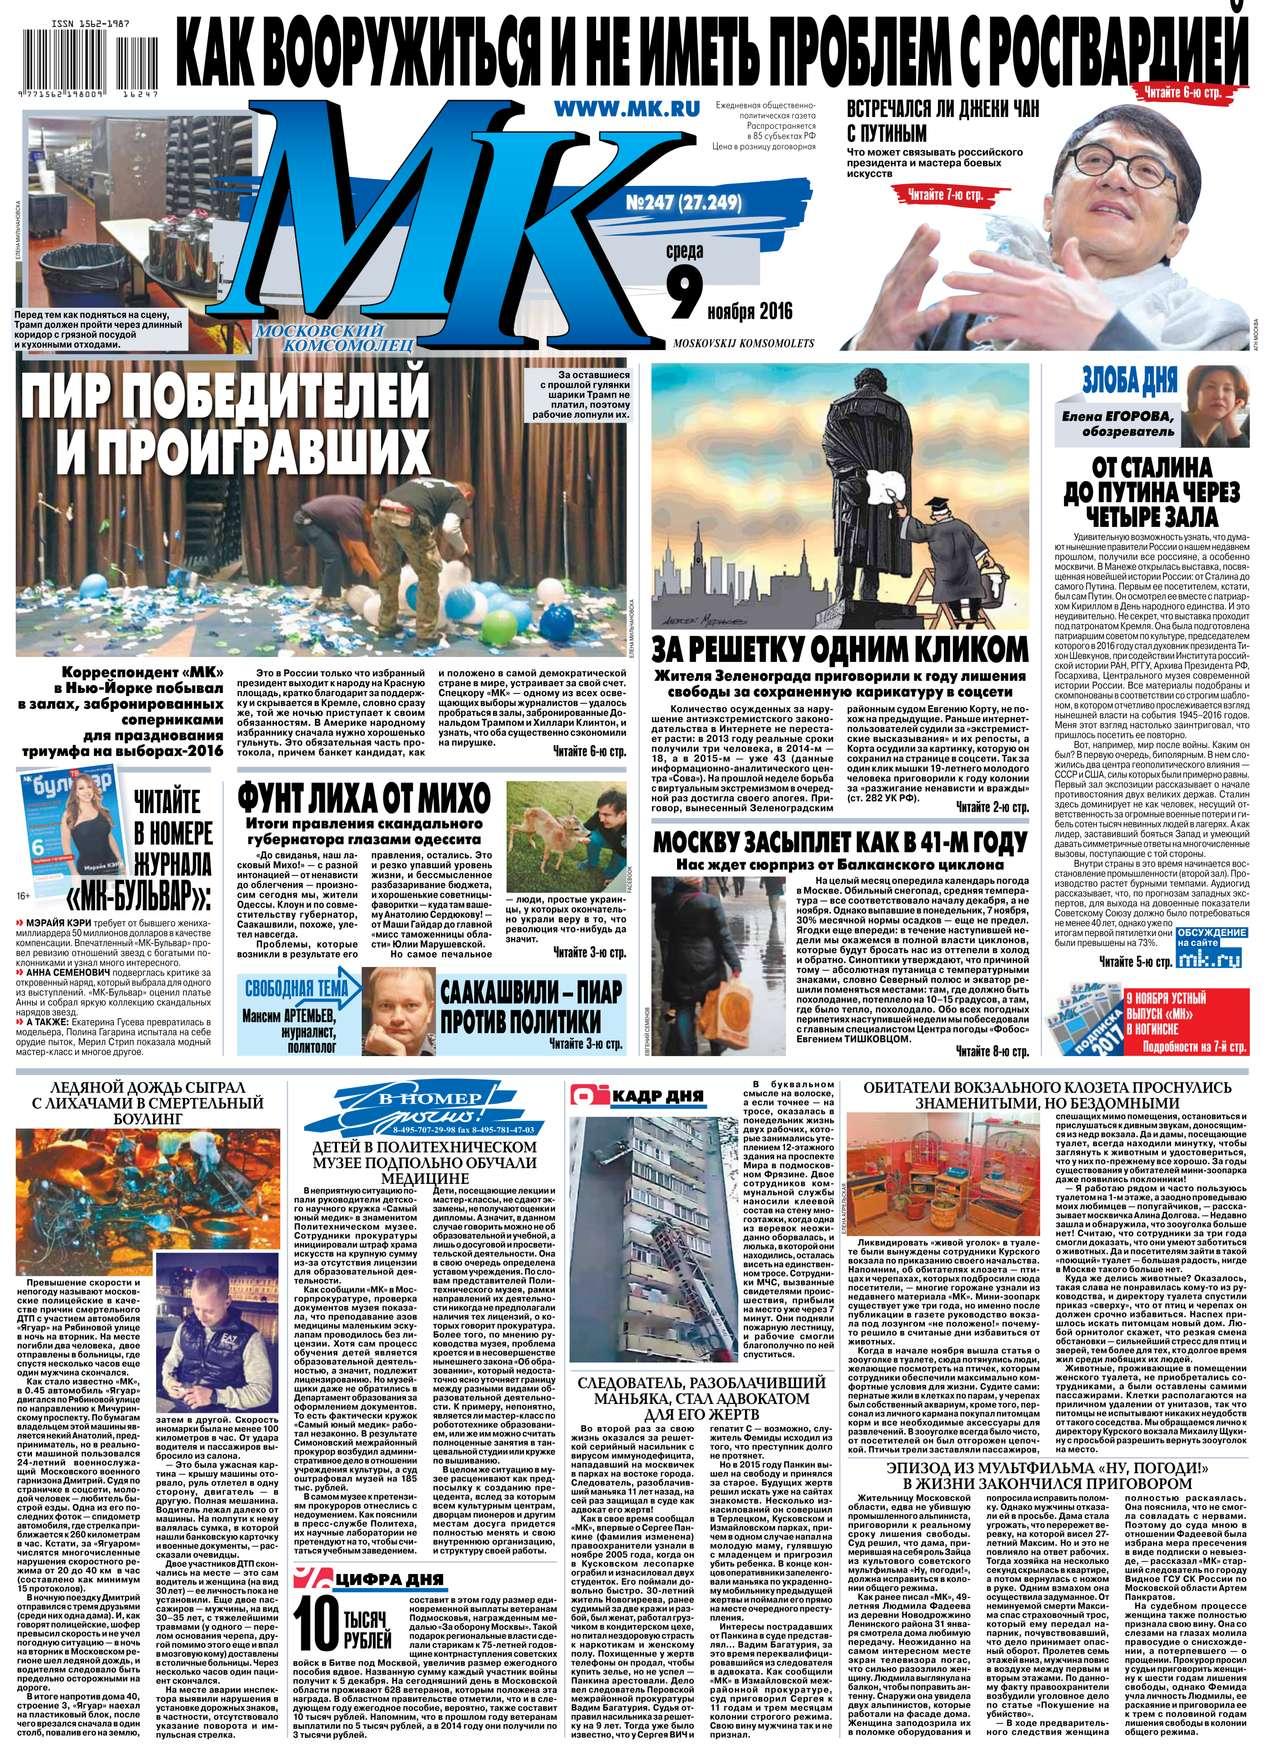 Редакция газеты МК Московский Комсомолец МК Московский комсомолец 247-2016 цена 2017